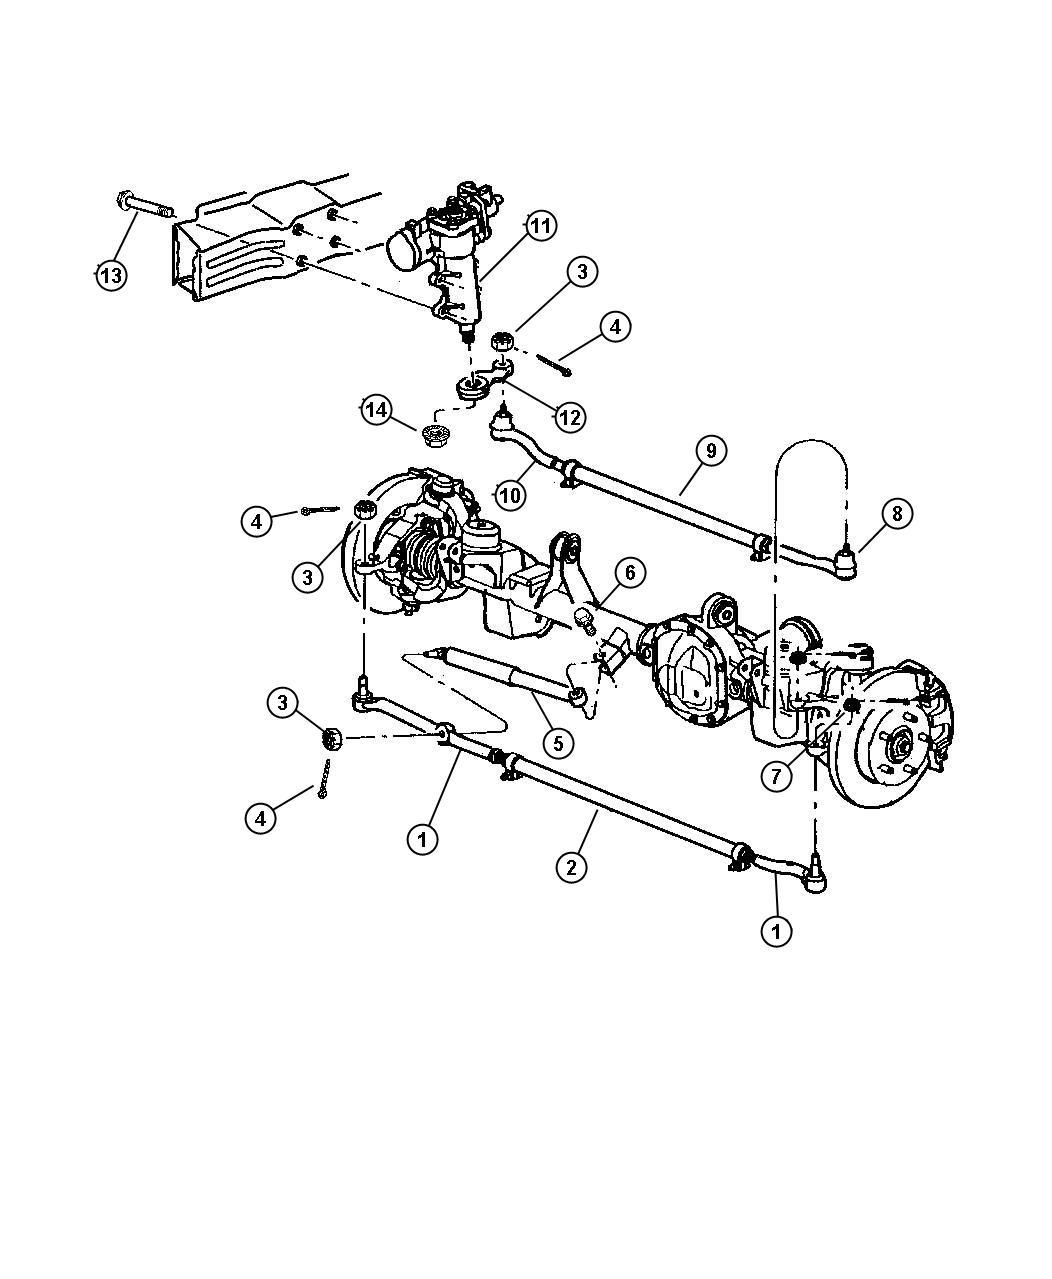 2000 Jeep Grand Cherokee LAREDO 4.0L Power Tech I6 Socket